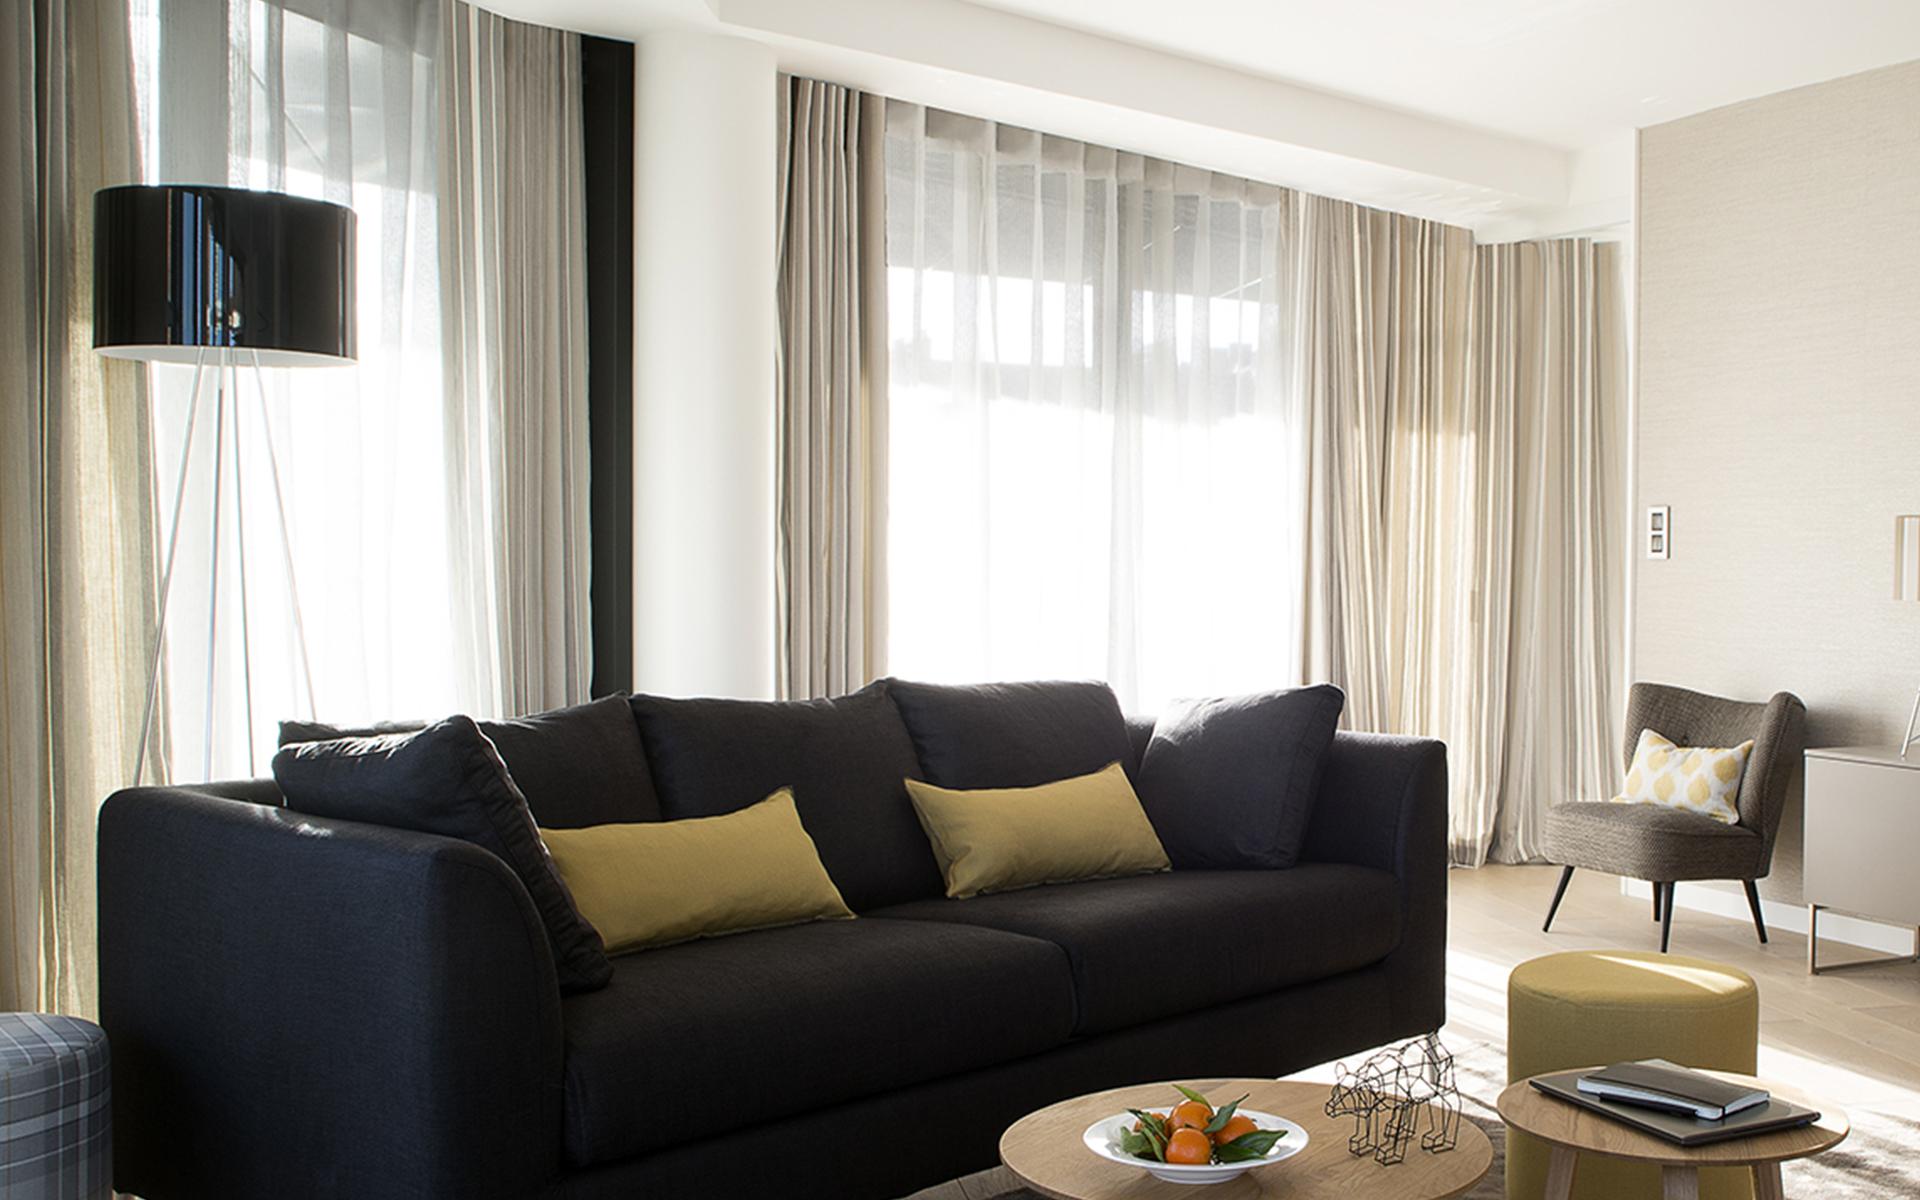 publi info toiles de mayenne votre alli d co. Black Bedroom Furniture Sets. Home Design Ideas